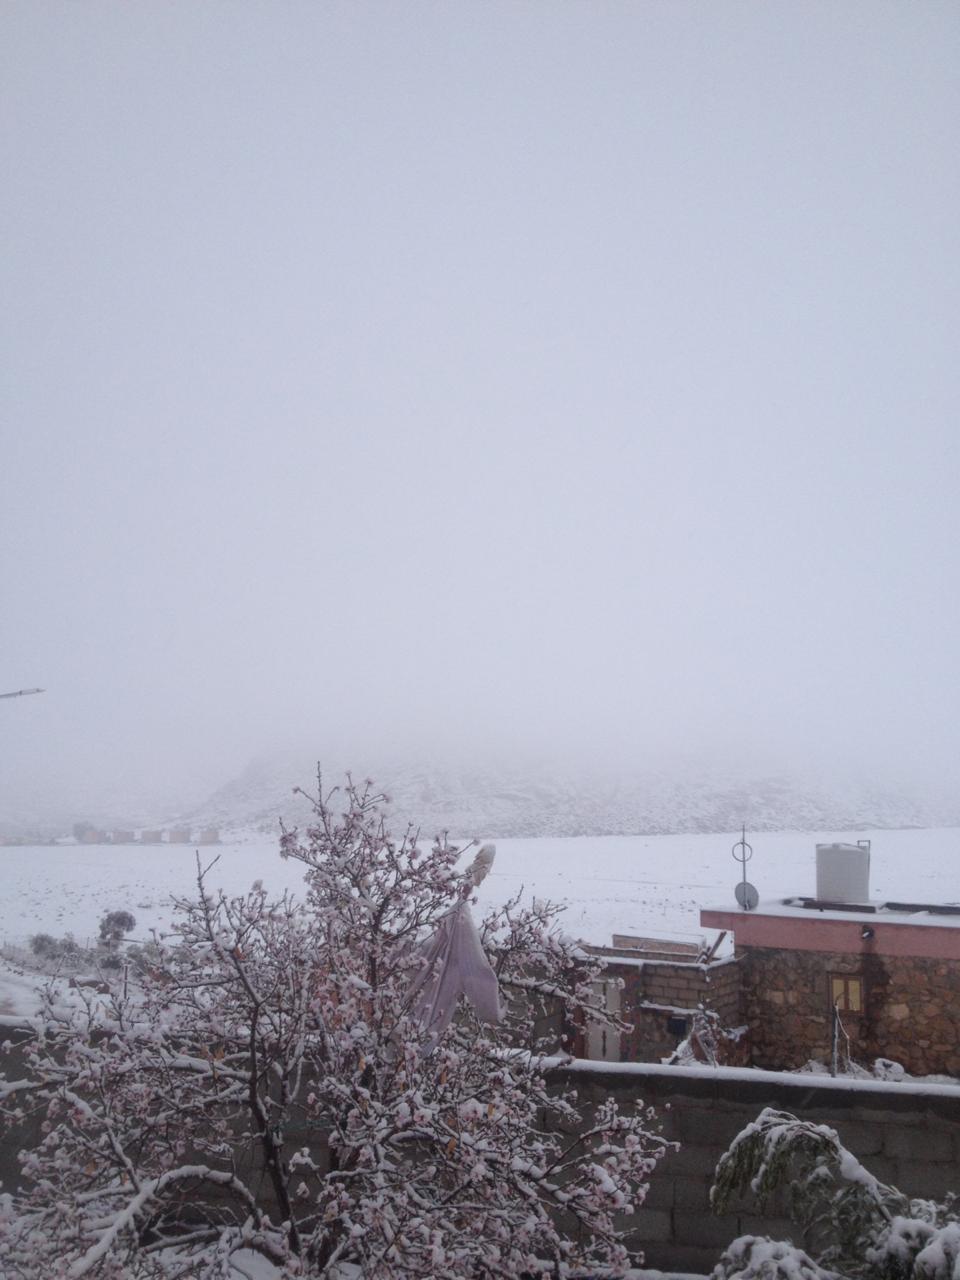 جبال سانت كاترين تتزين بالثلوج (1)